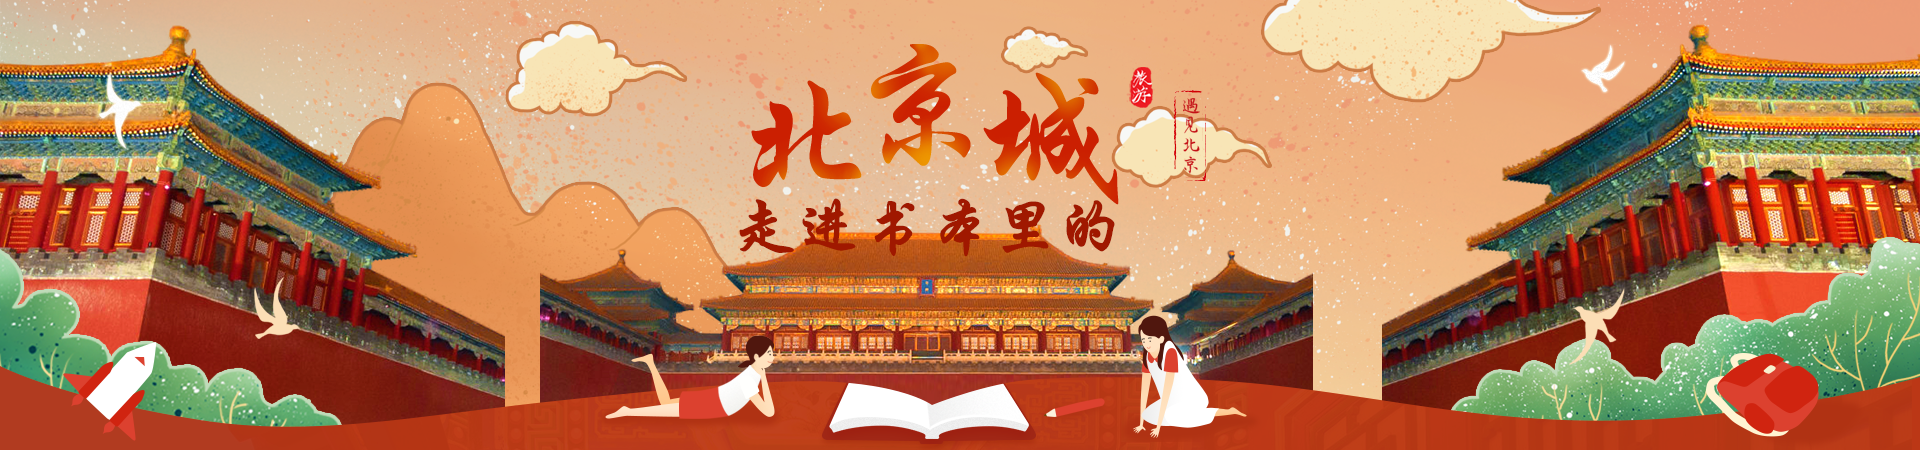 走进书本里的北京城